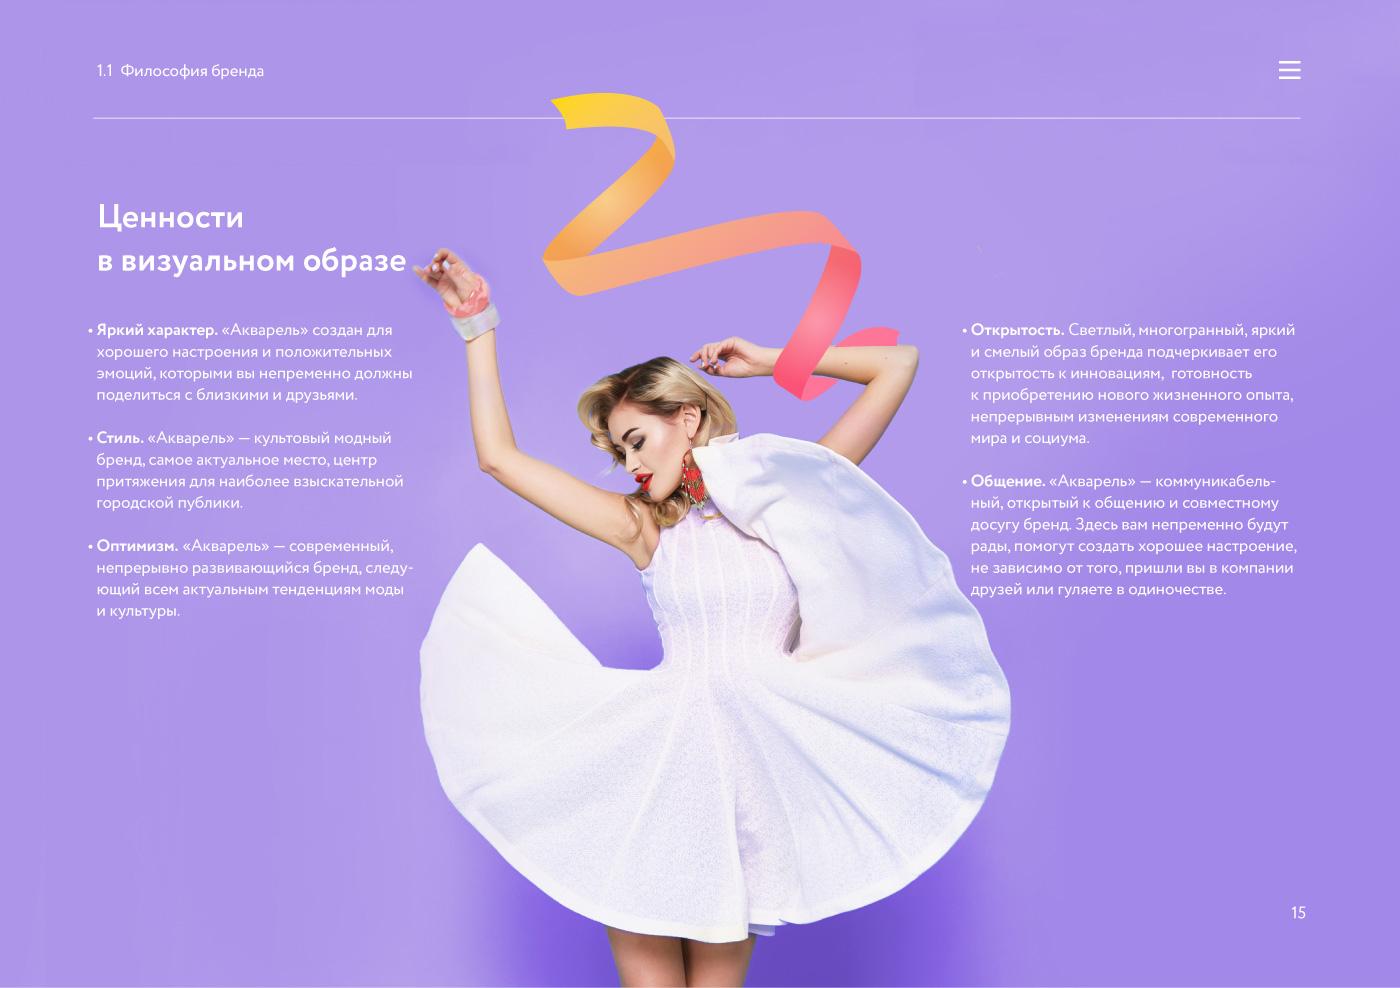 Брендбук ТРЦ «Акварель» содержит полную стратегию  позиционирования бренда